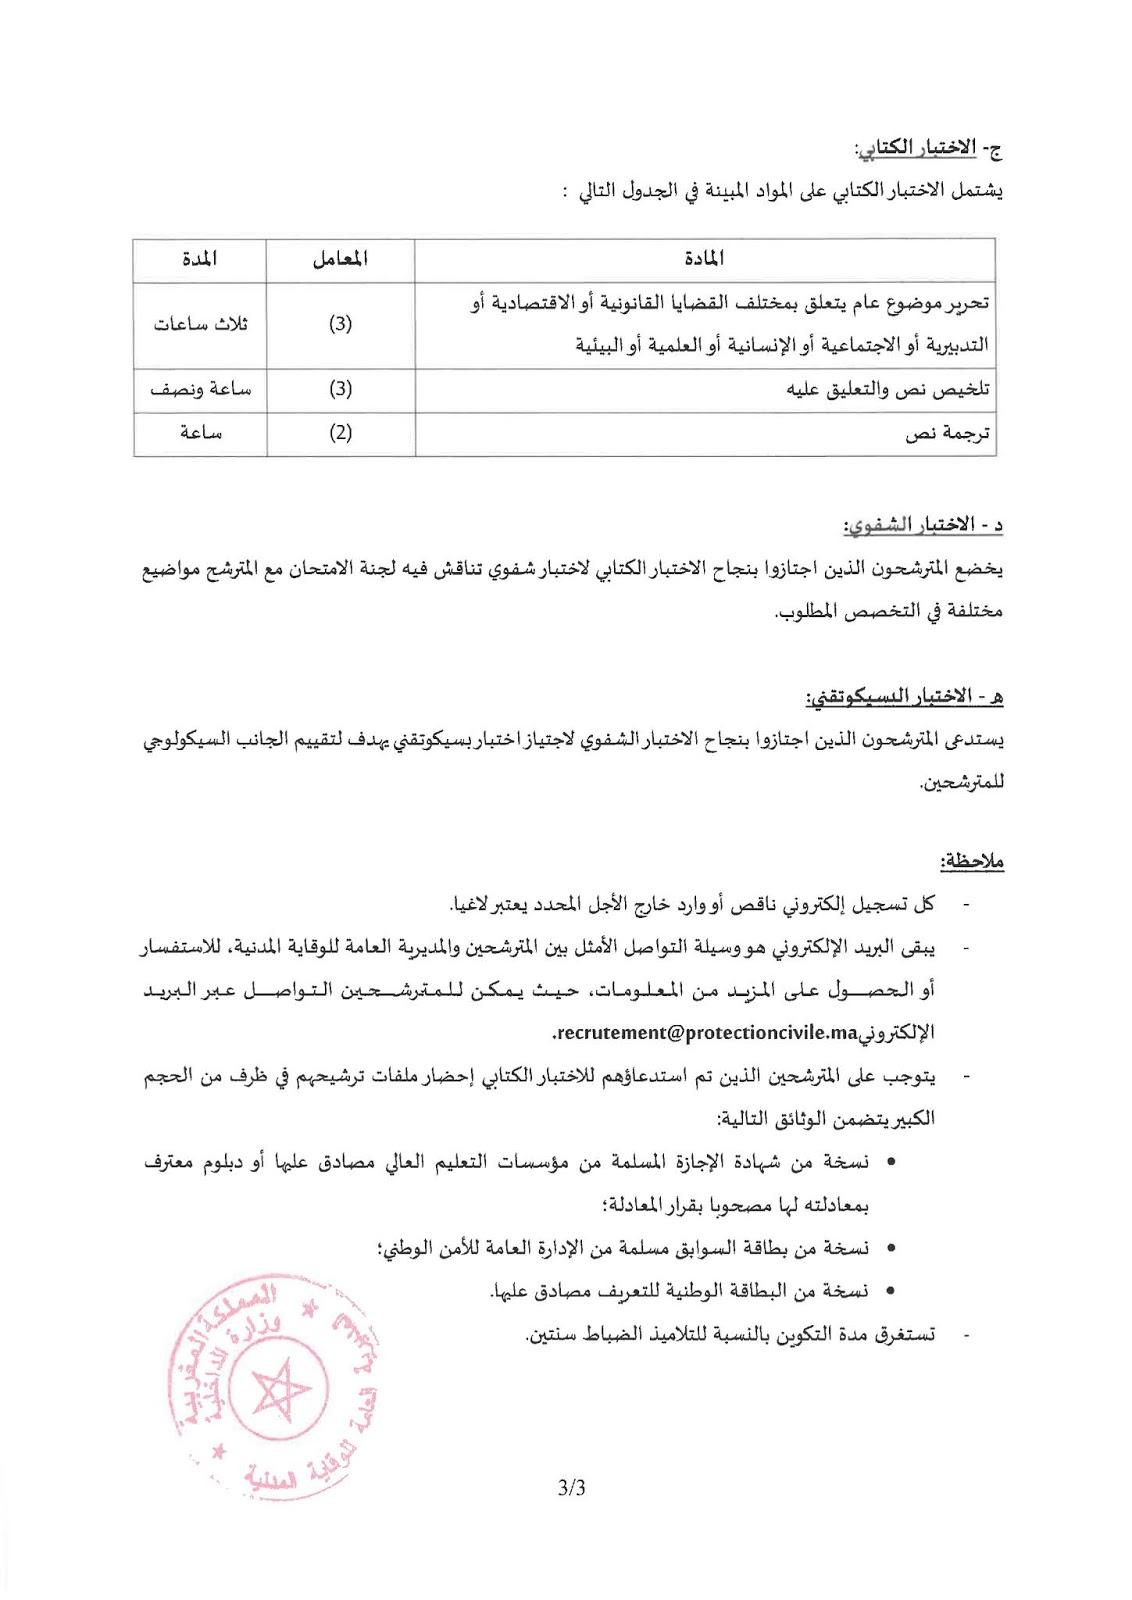 مباراة وقاية المدنية 2020 .. للطلبة بشهادة الإجازة مباراة توظيف التلاميذ الضباط